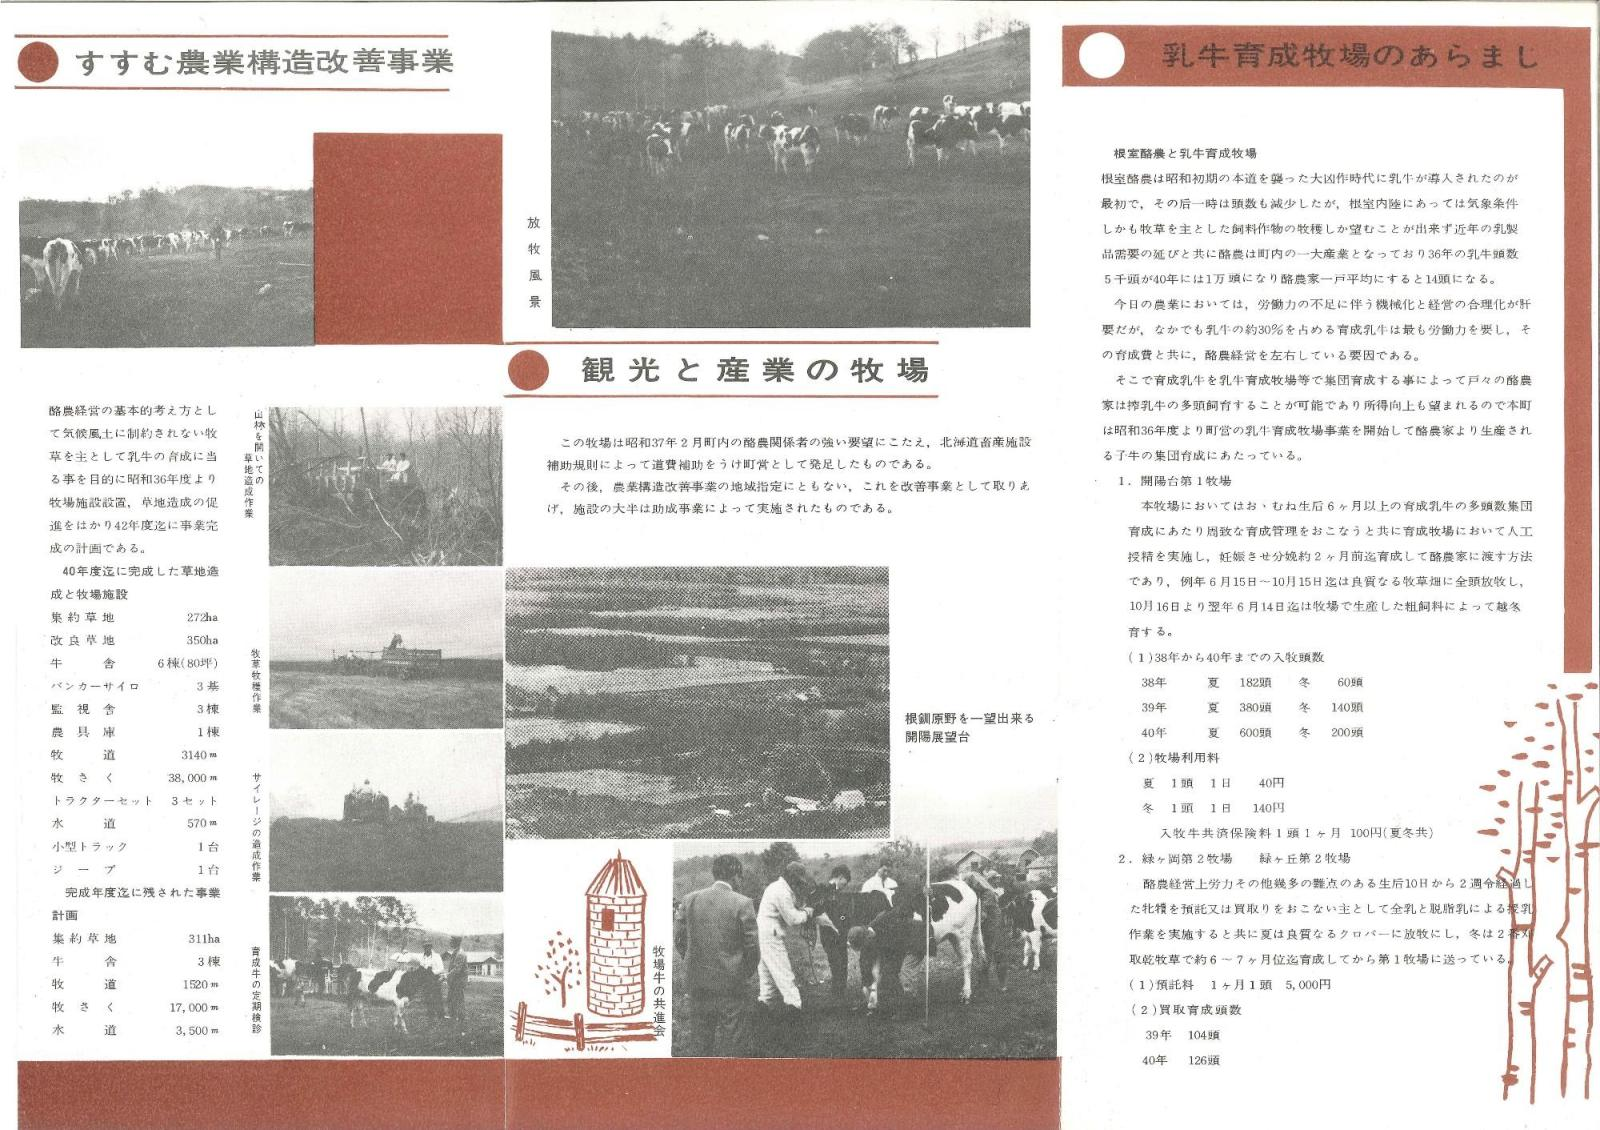 2013年3月28日(木):久々の雨[中標津町郷土館]_e0062415_19361479.jpg